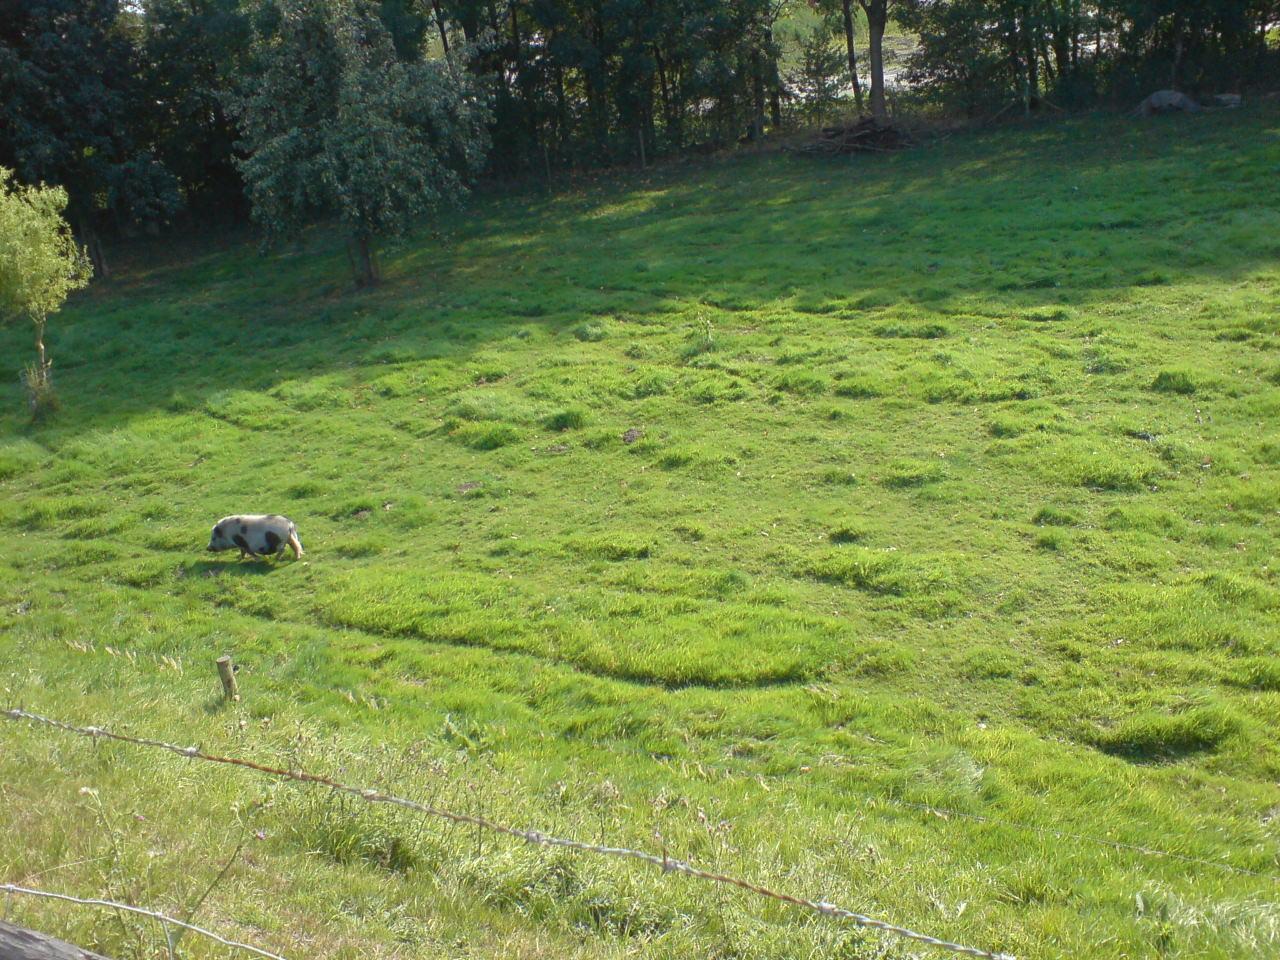 Schwein, kurz vor Lith in Noord Brabant, Niederlande